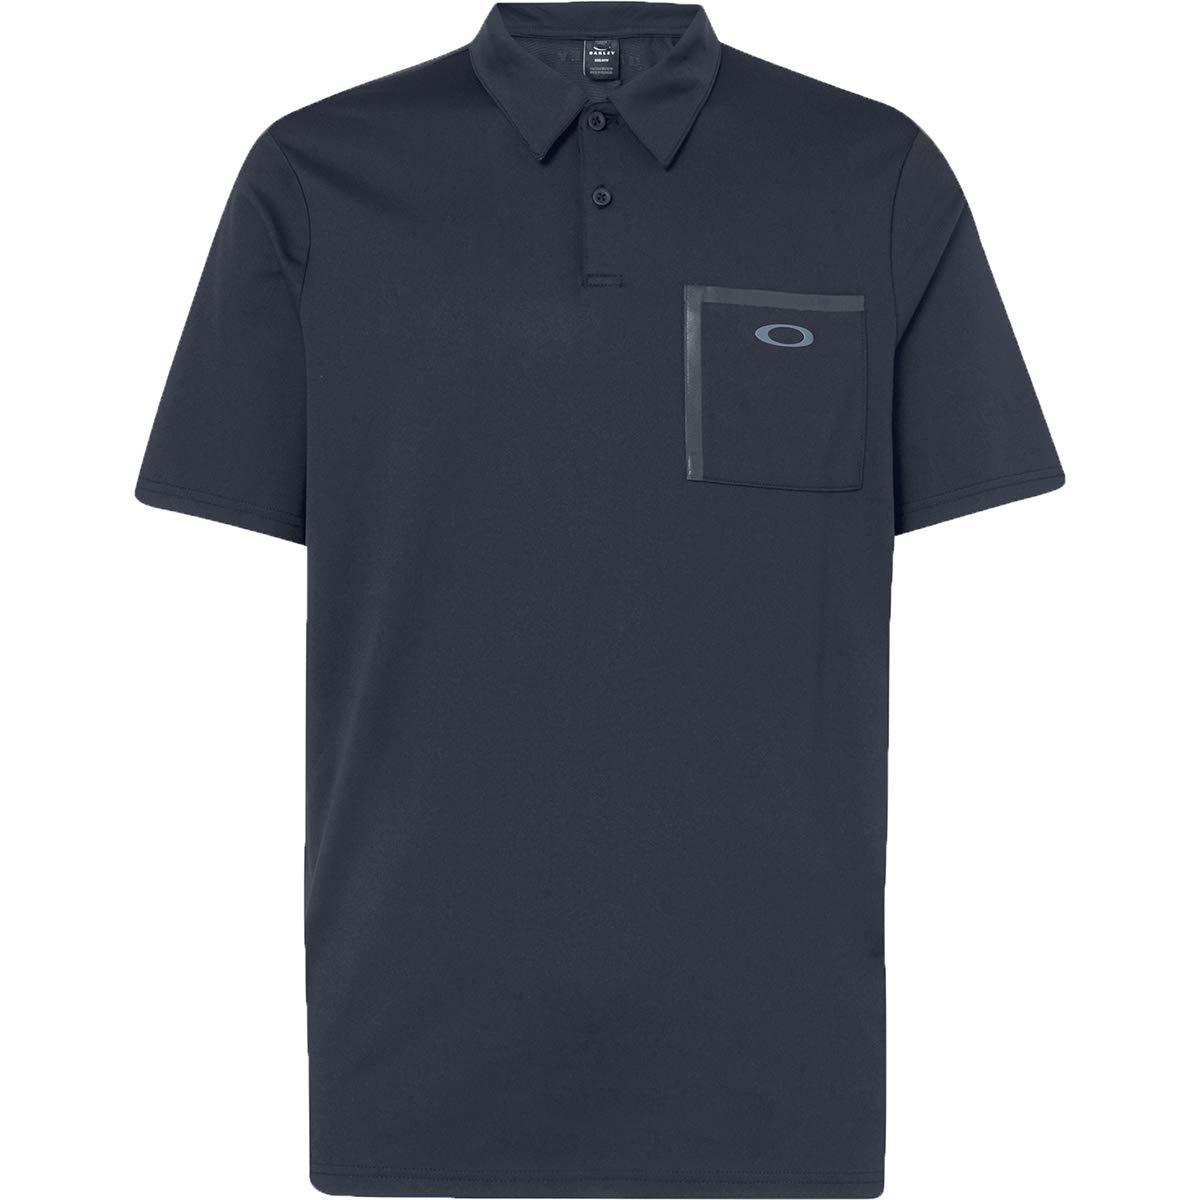 Oakley - Polo de Golf para Hombre - Negro - Small: Amazon.es: Ropa ...